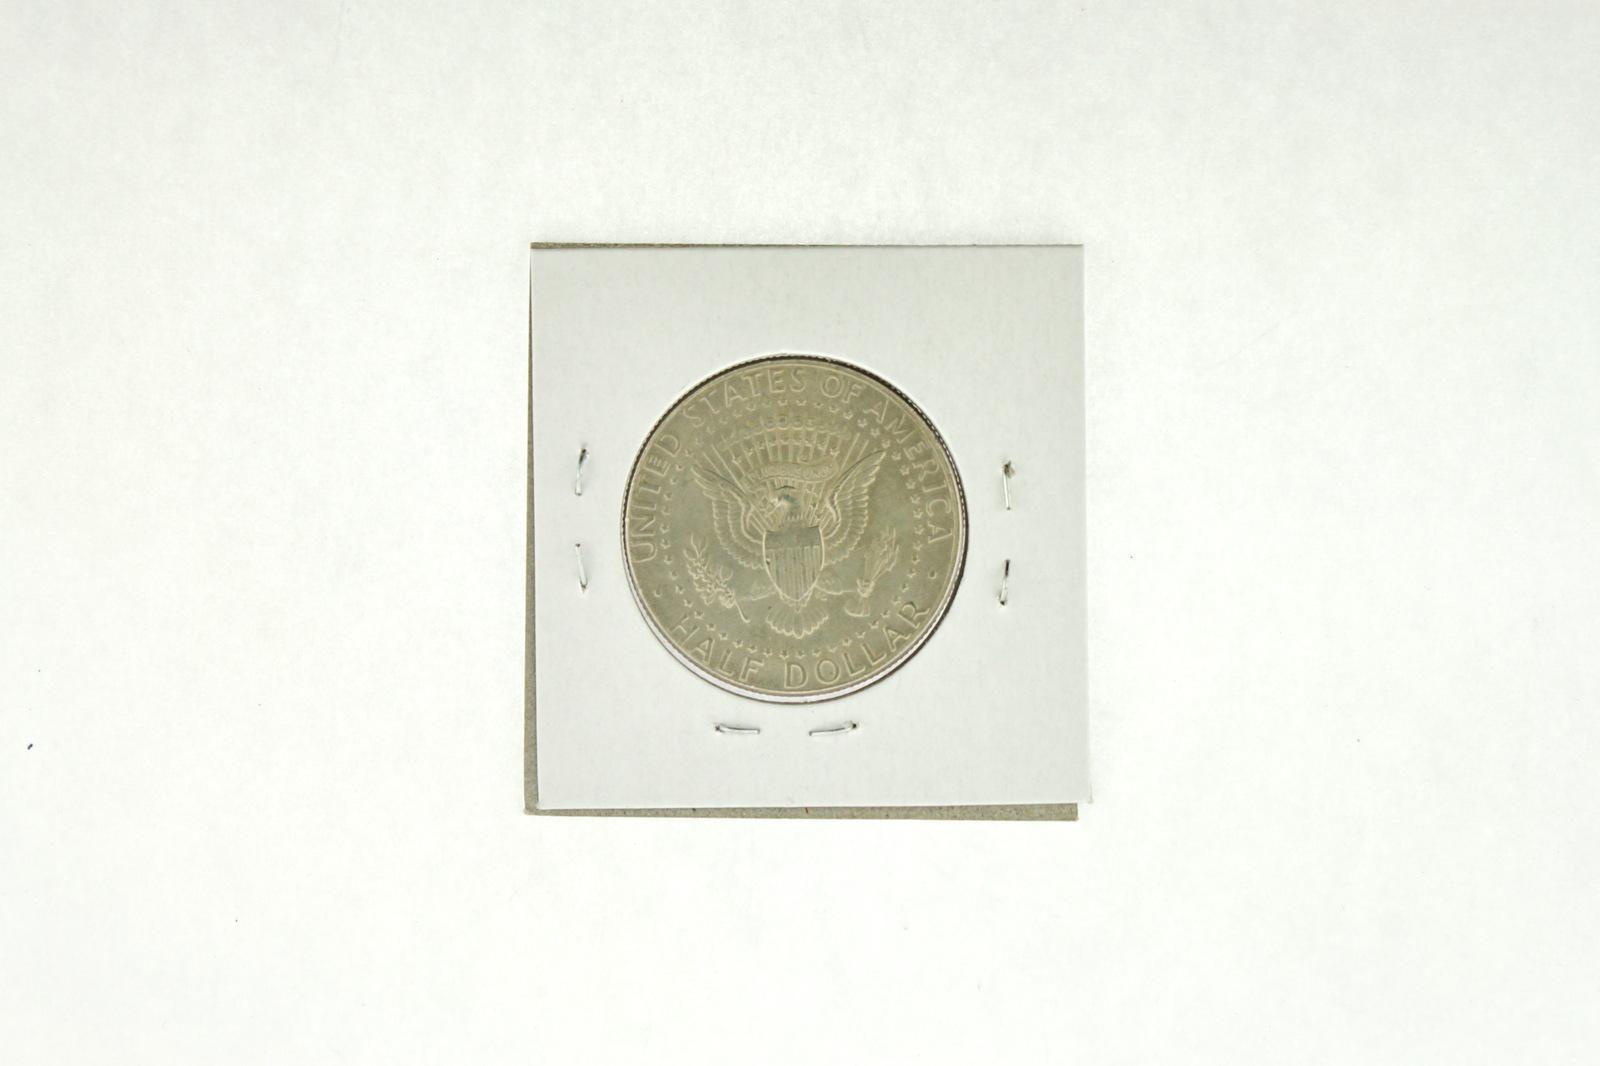 2000-D Kennedy Half Dollar (VF) Very Fine N2-4001-2